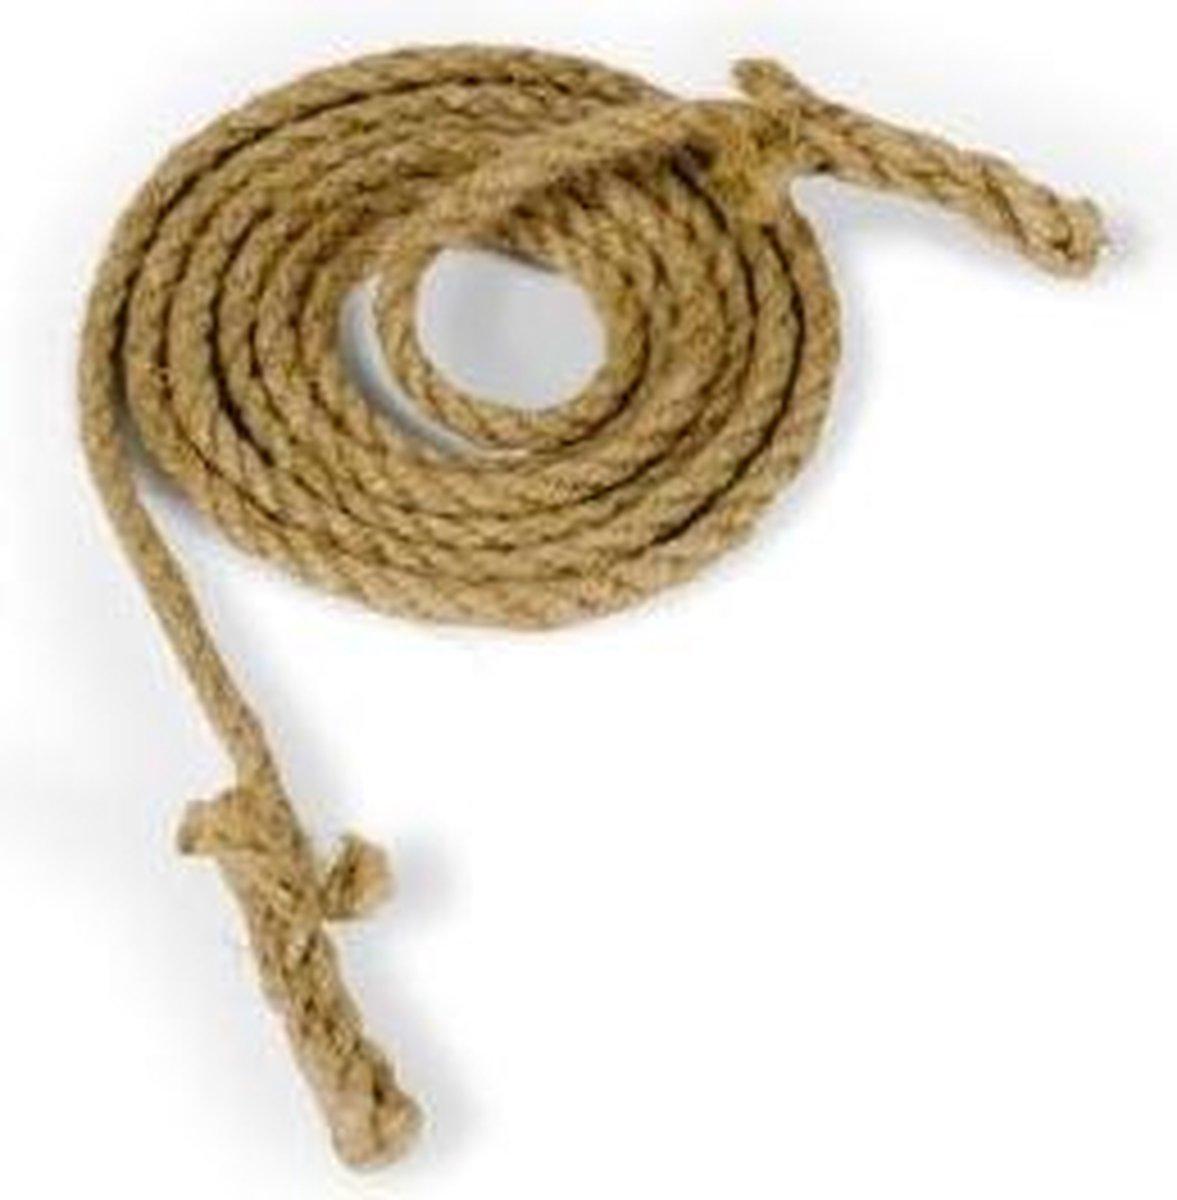 Touwspringen, touwtjespringen  5 meter lang 6 mm dik  Top Kwaliteit